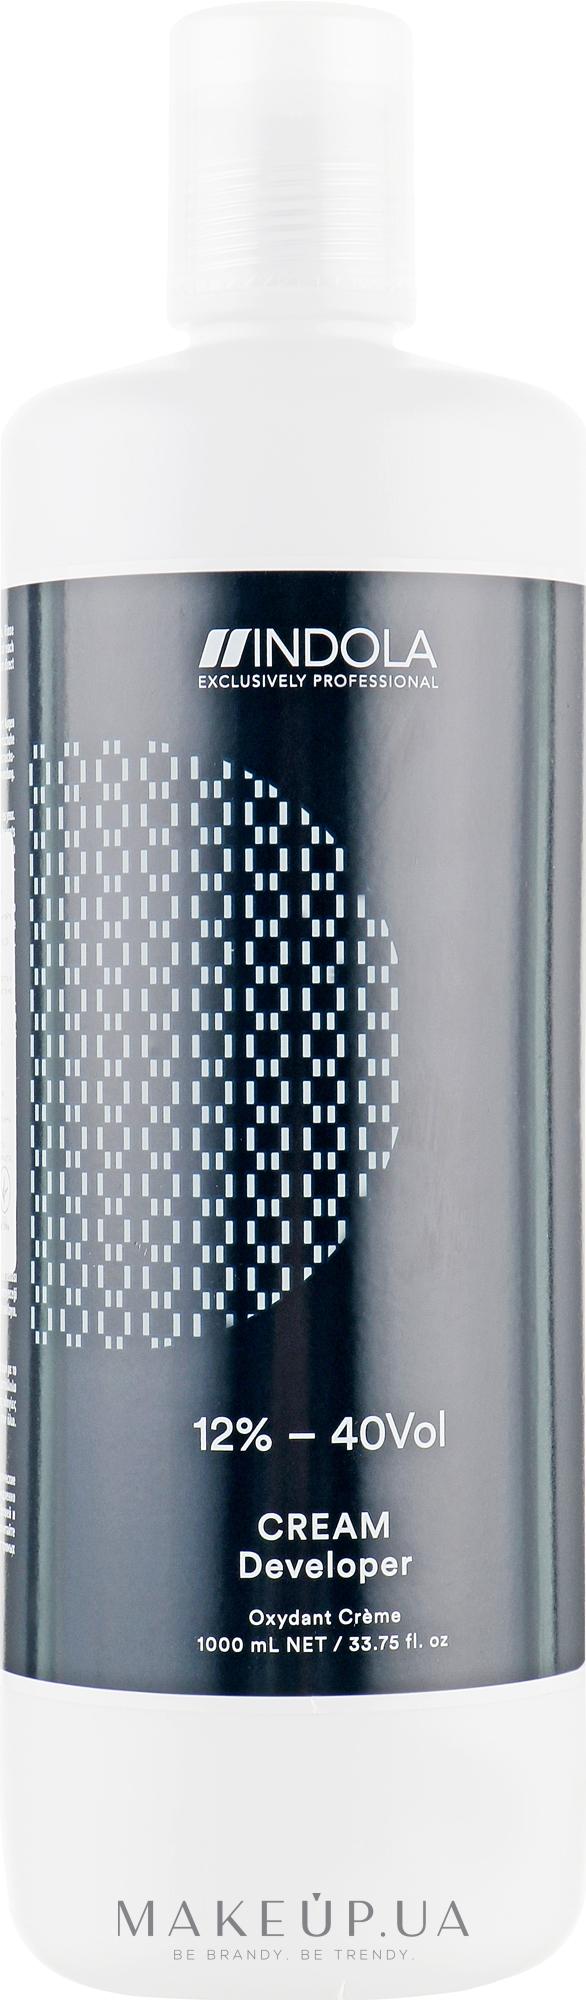 Крем-проявник 12% - 40 vol - Indola Profession Cream Developer 12% - 40 vol — фото 1000ml